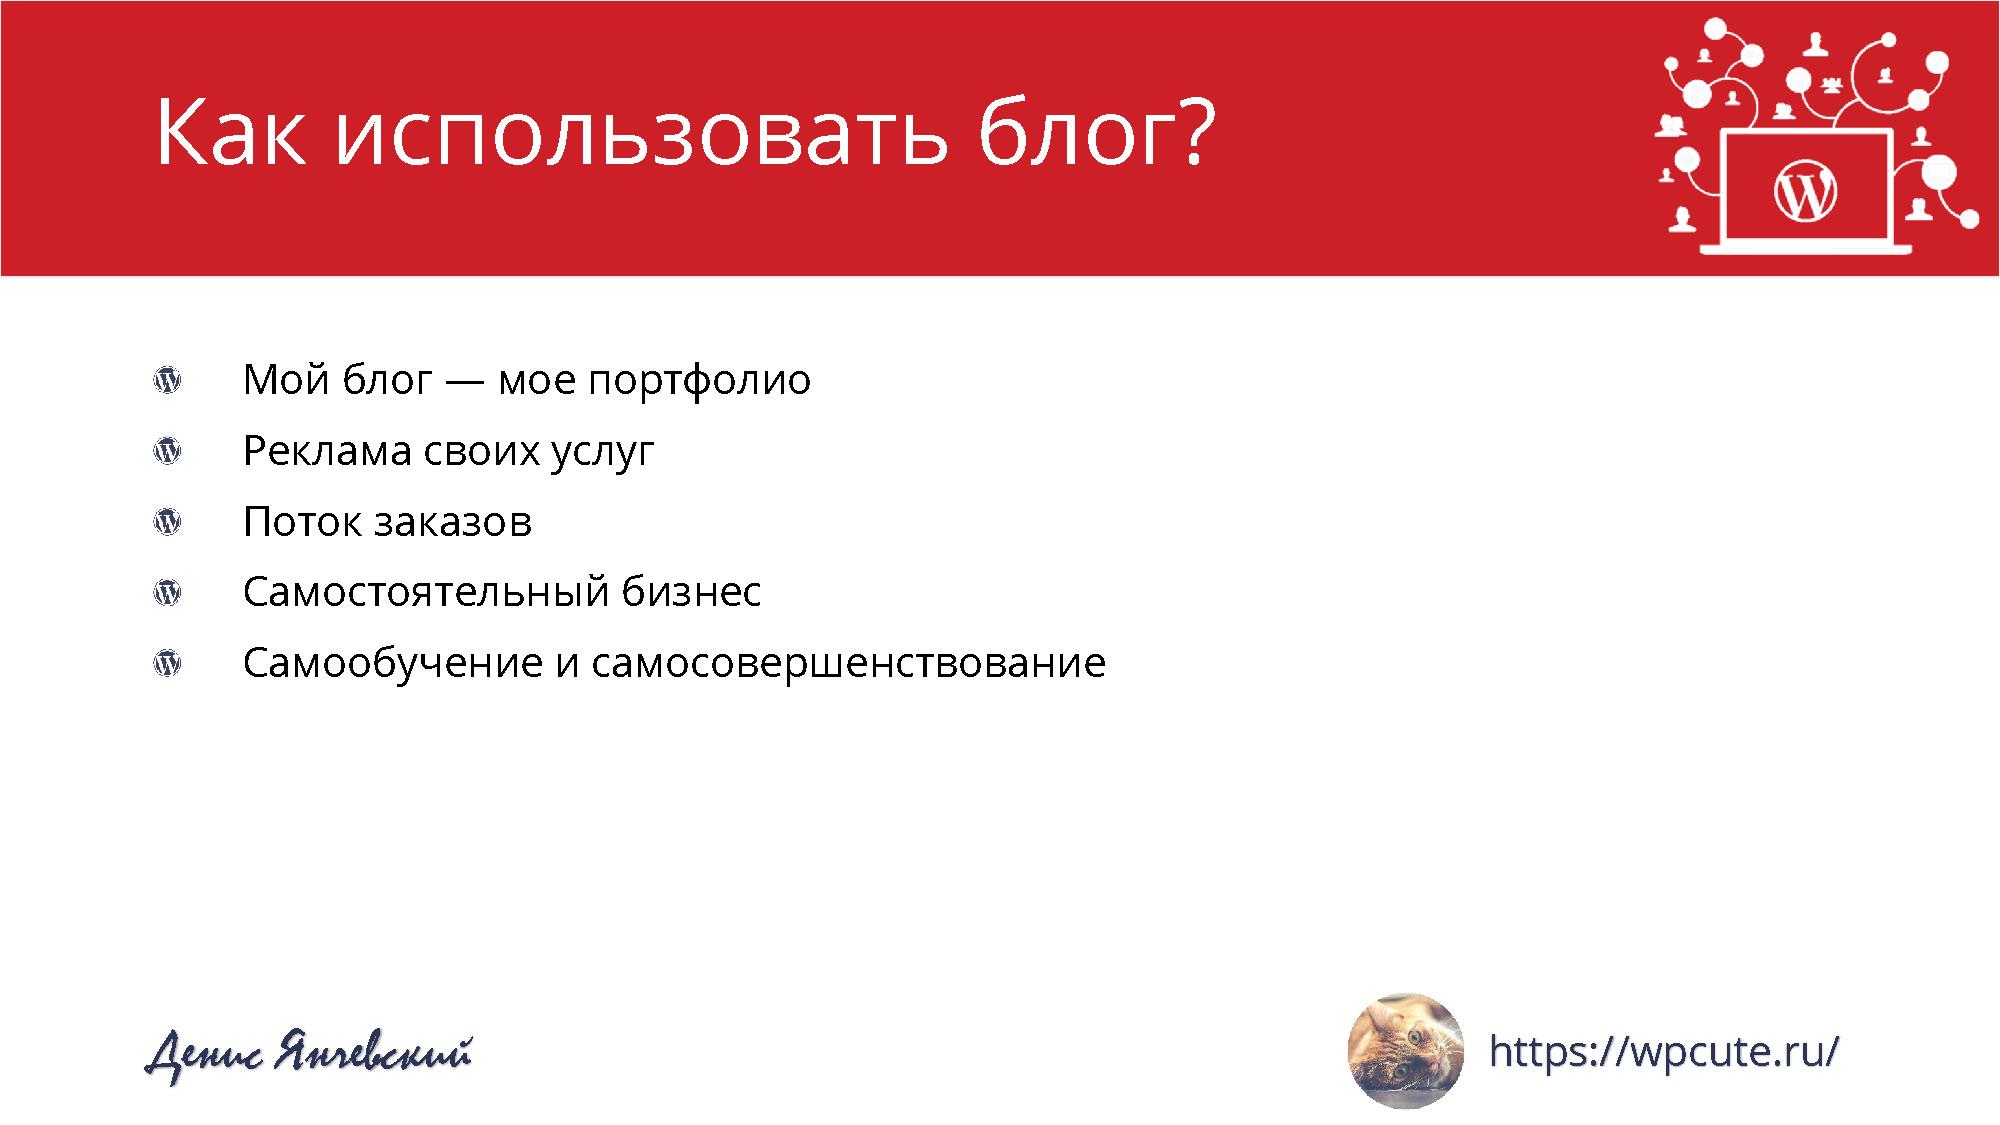 Kak_zavesti_i_dlya_chego_ispolzovat_blog_razrabotchiku__Denis_Yanchevskiy_Страница_10